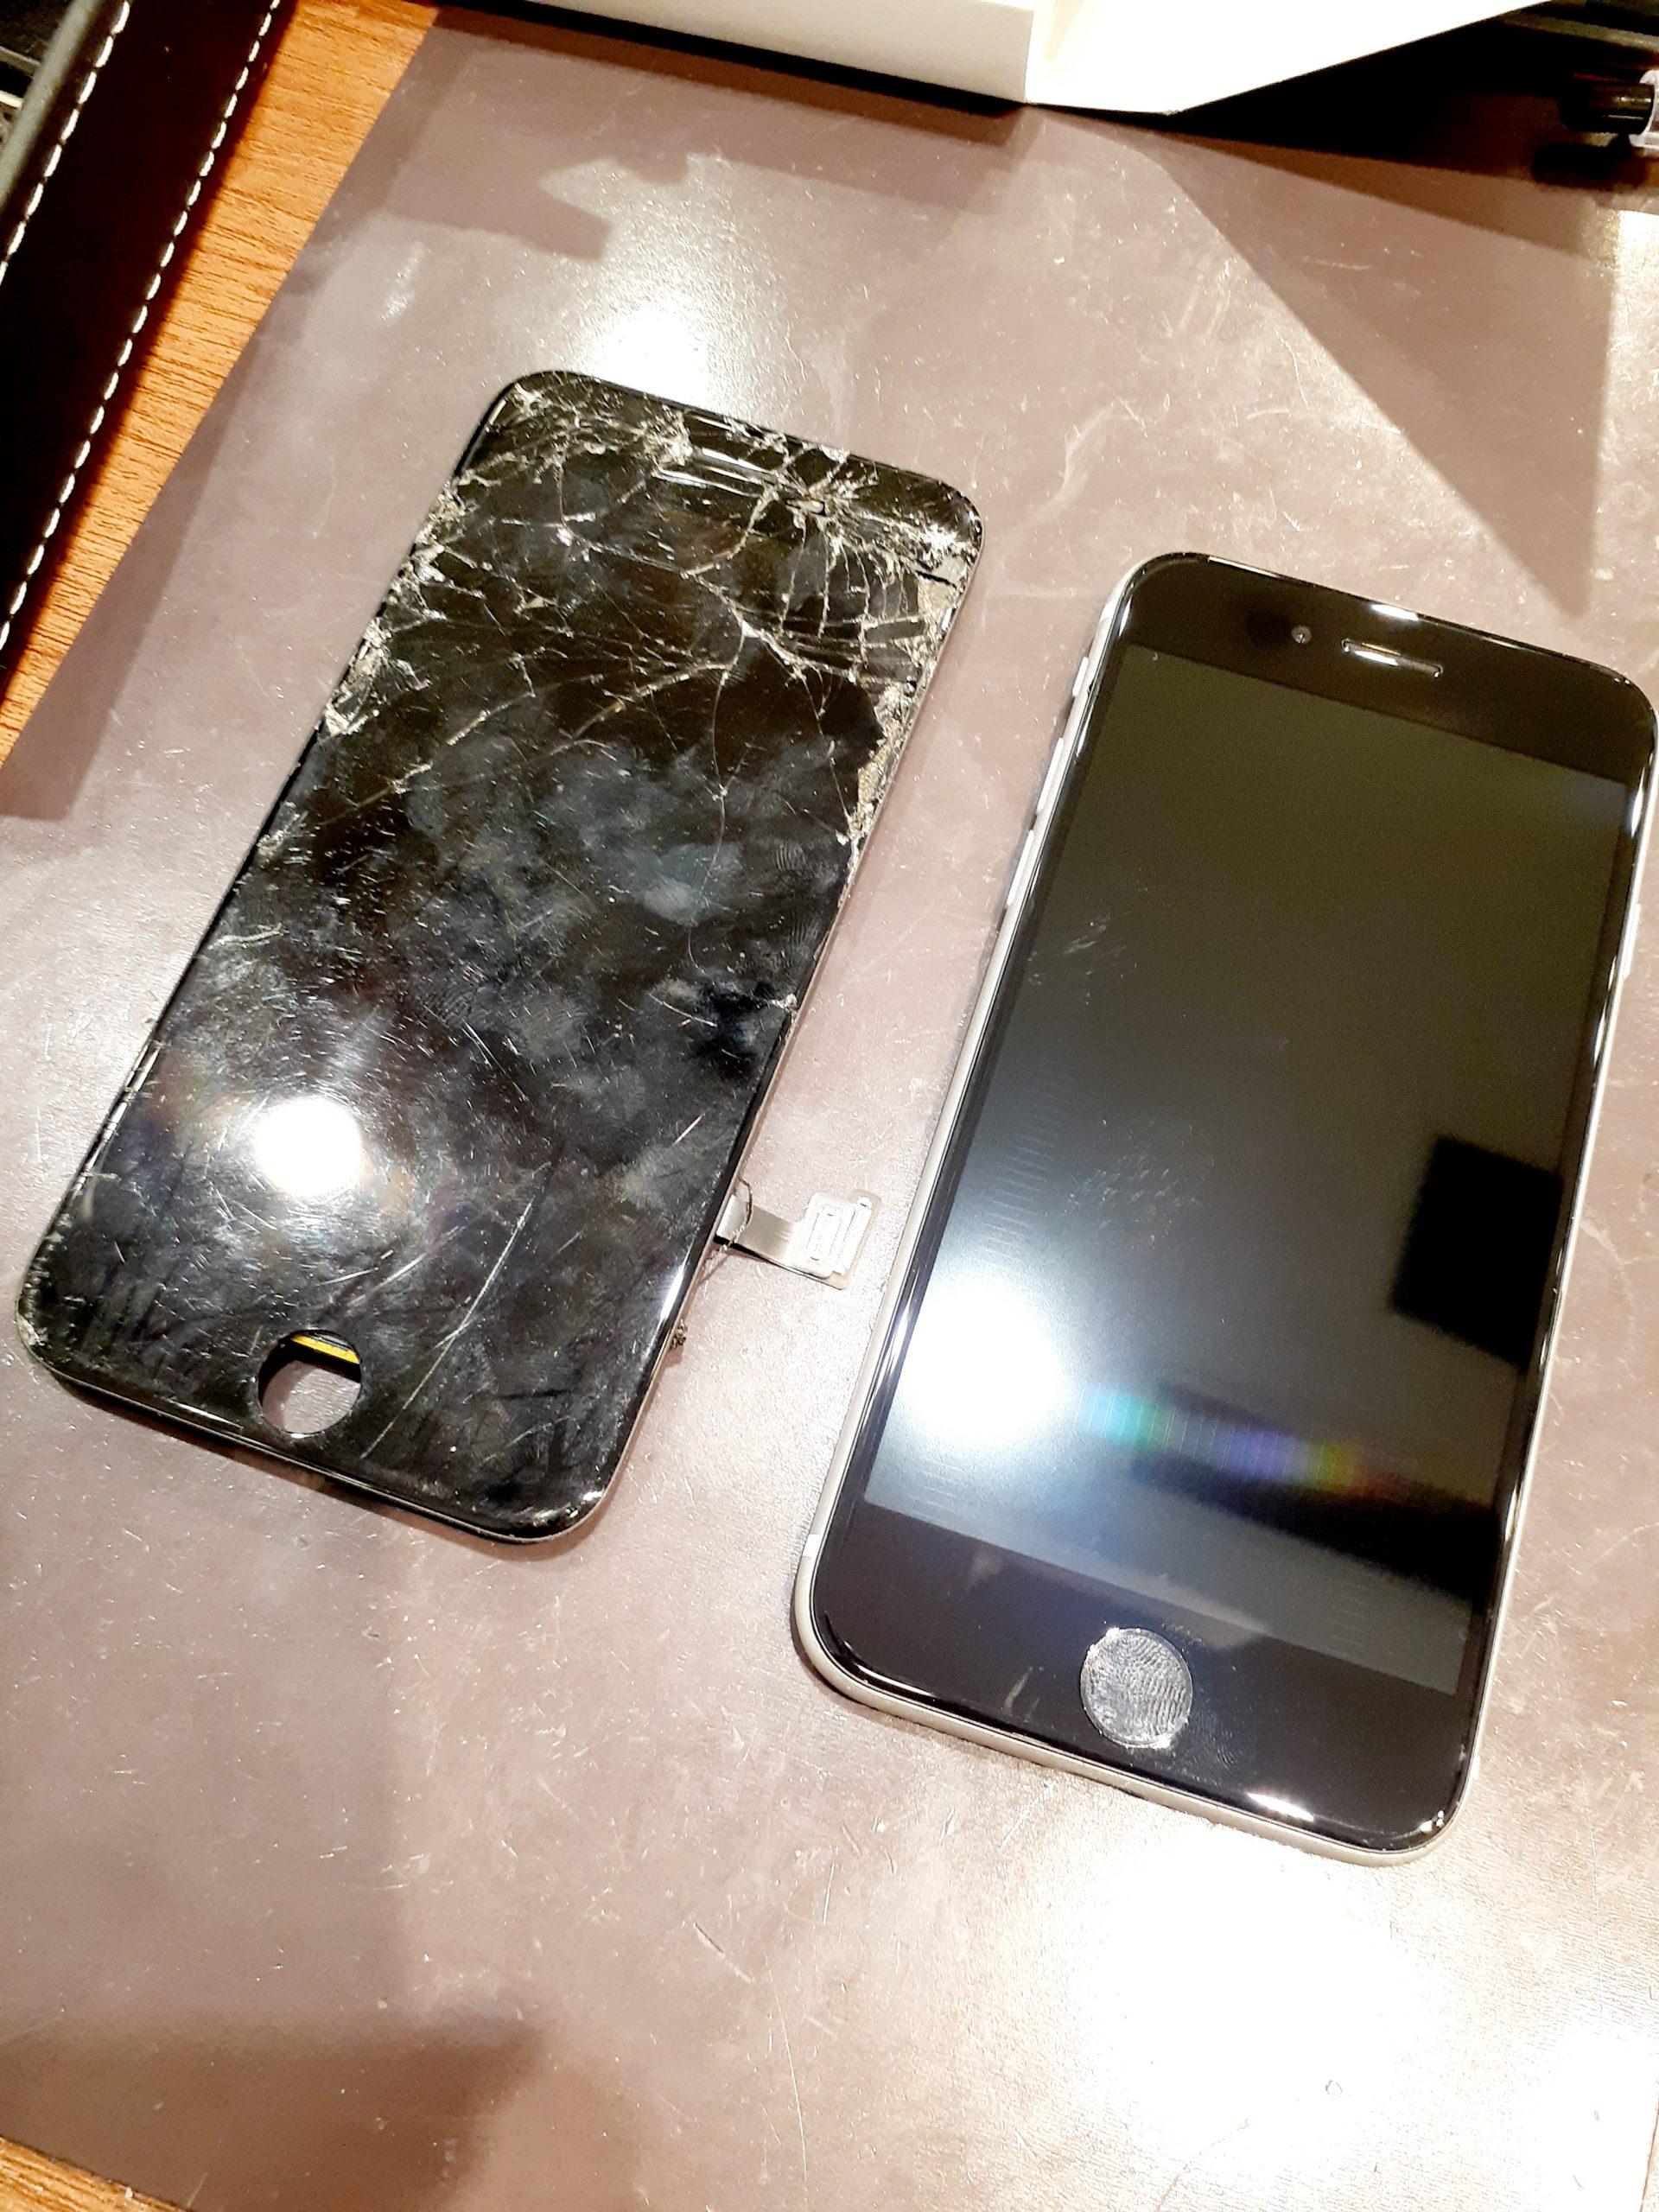 iPhoneのガラスが割れてしまったらすぐにスマートクールへ!!📱✨